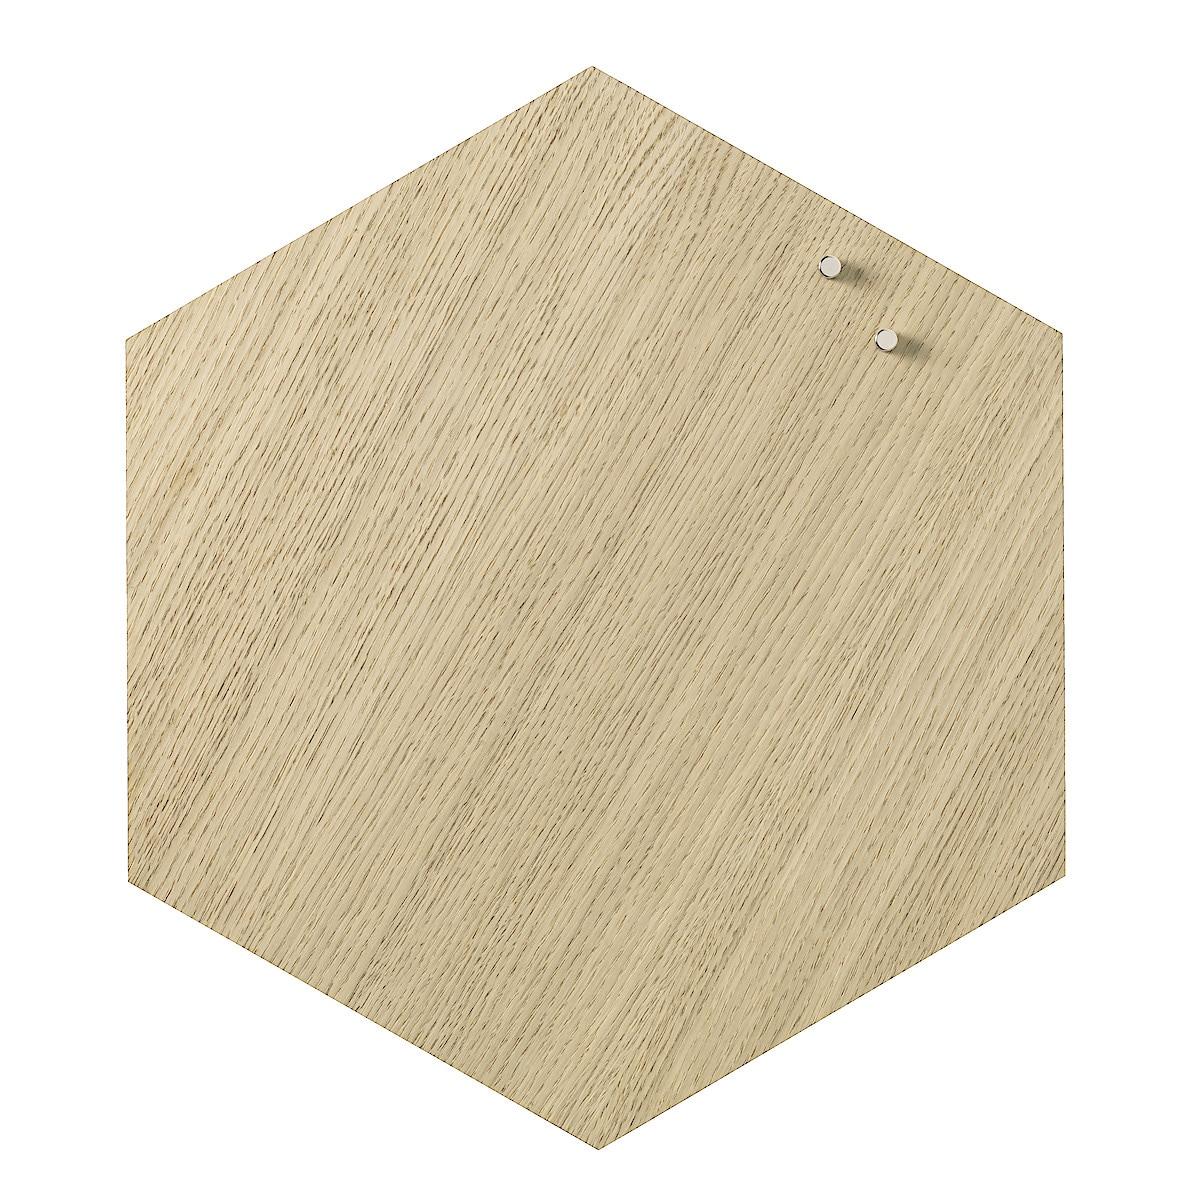 Magnetische Tafel, Naga Hexagonal Eiche, 42 cm